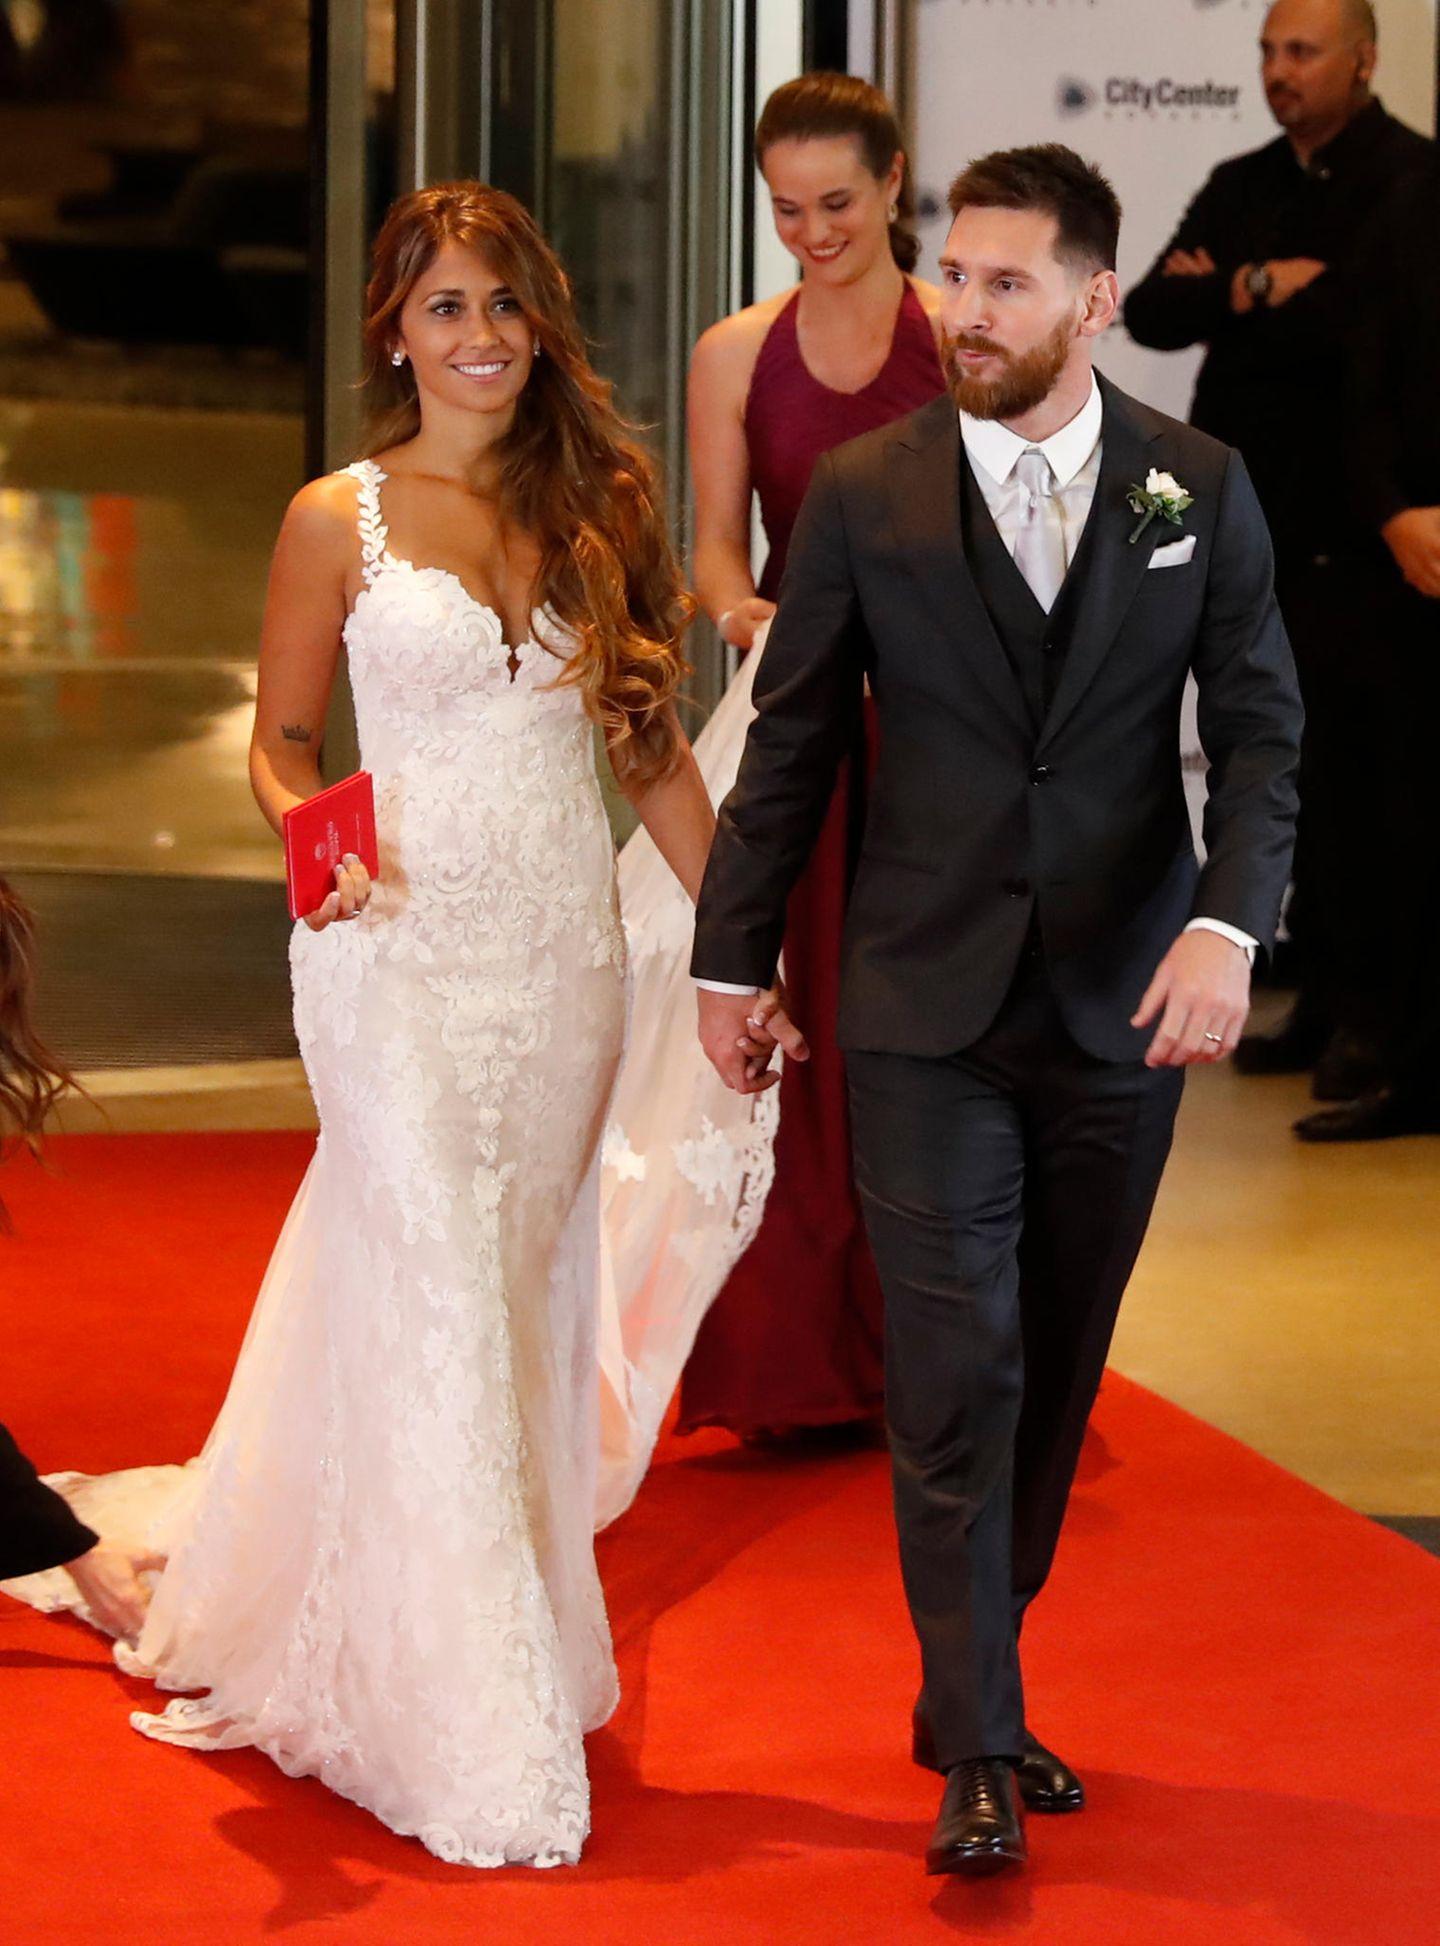 Lionel Messi heiratet seine Antonella: Sie trägt ein enges weißes Kleid mit Spitzenüberzug und dünnen Trägern. Besondere Hingucker sind der spitze Ausschnitt und das roteFamilienstammbuch, das einen farblichen Akzent bildet.